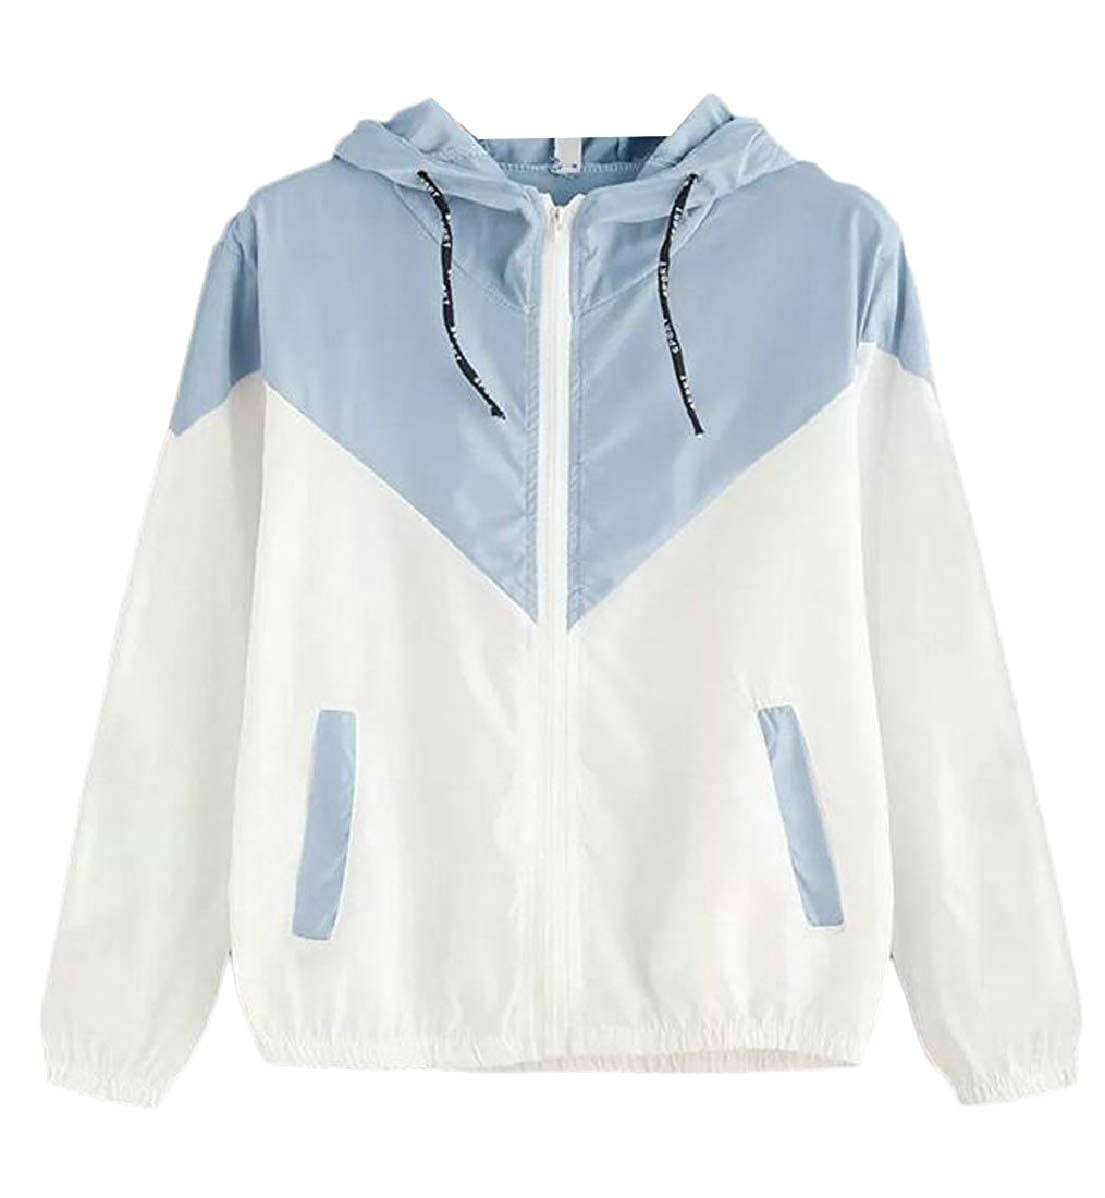 Women's Hooded Collar Wide Waist Two Tone Windbreaker Jacket